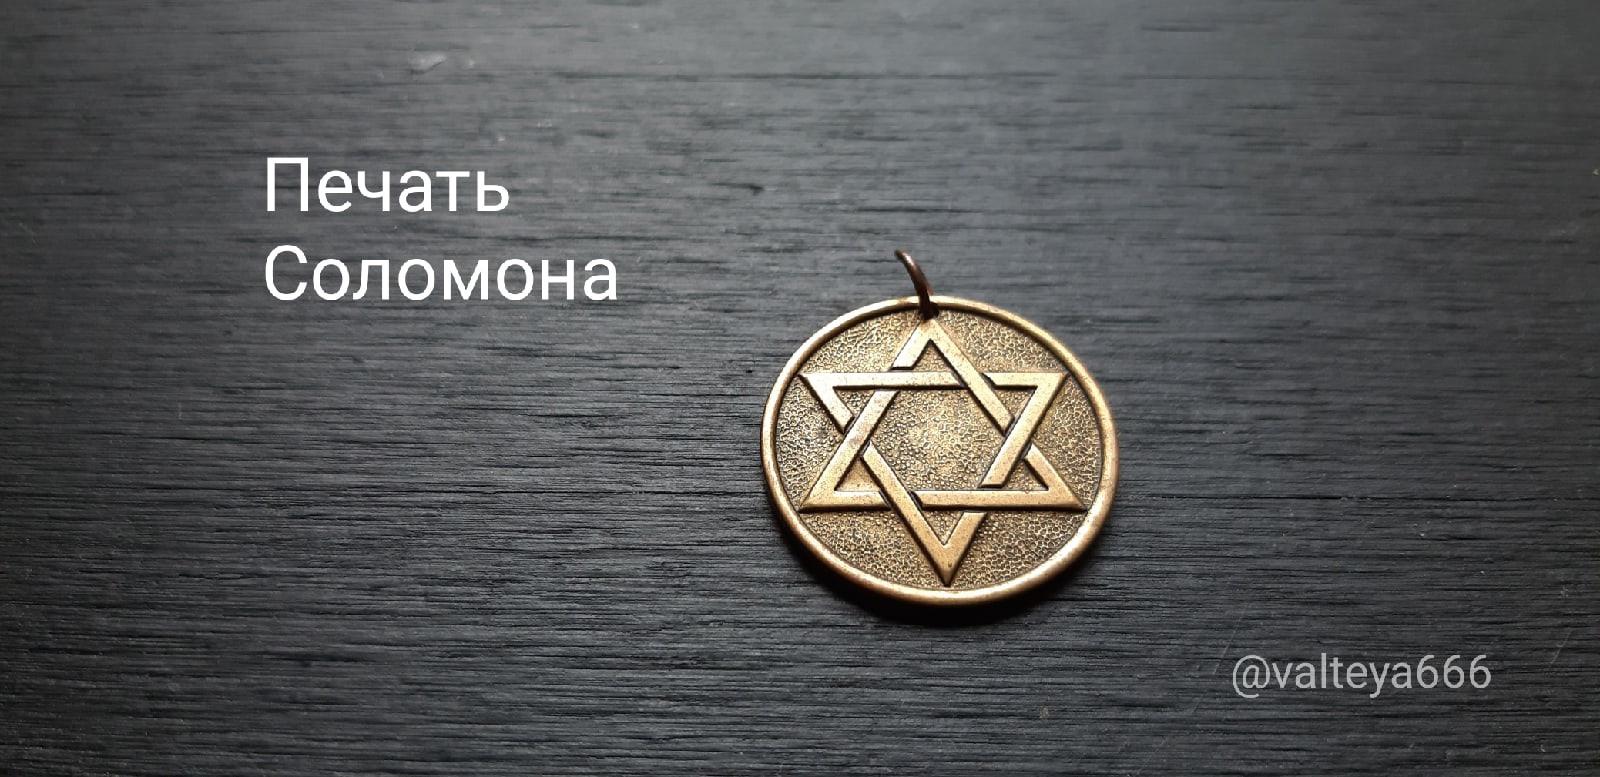 киев - Амулеты, талисманы, обереги из металла. - Страница 2 PxLSbiIGGp4